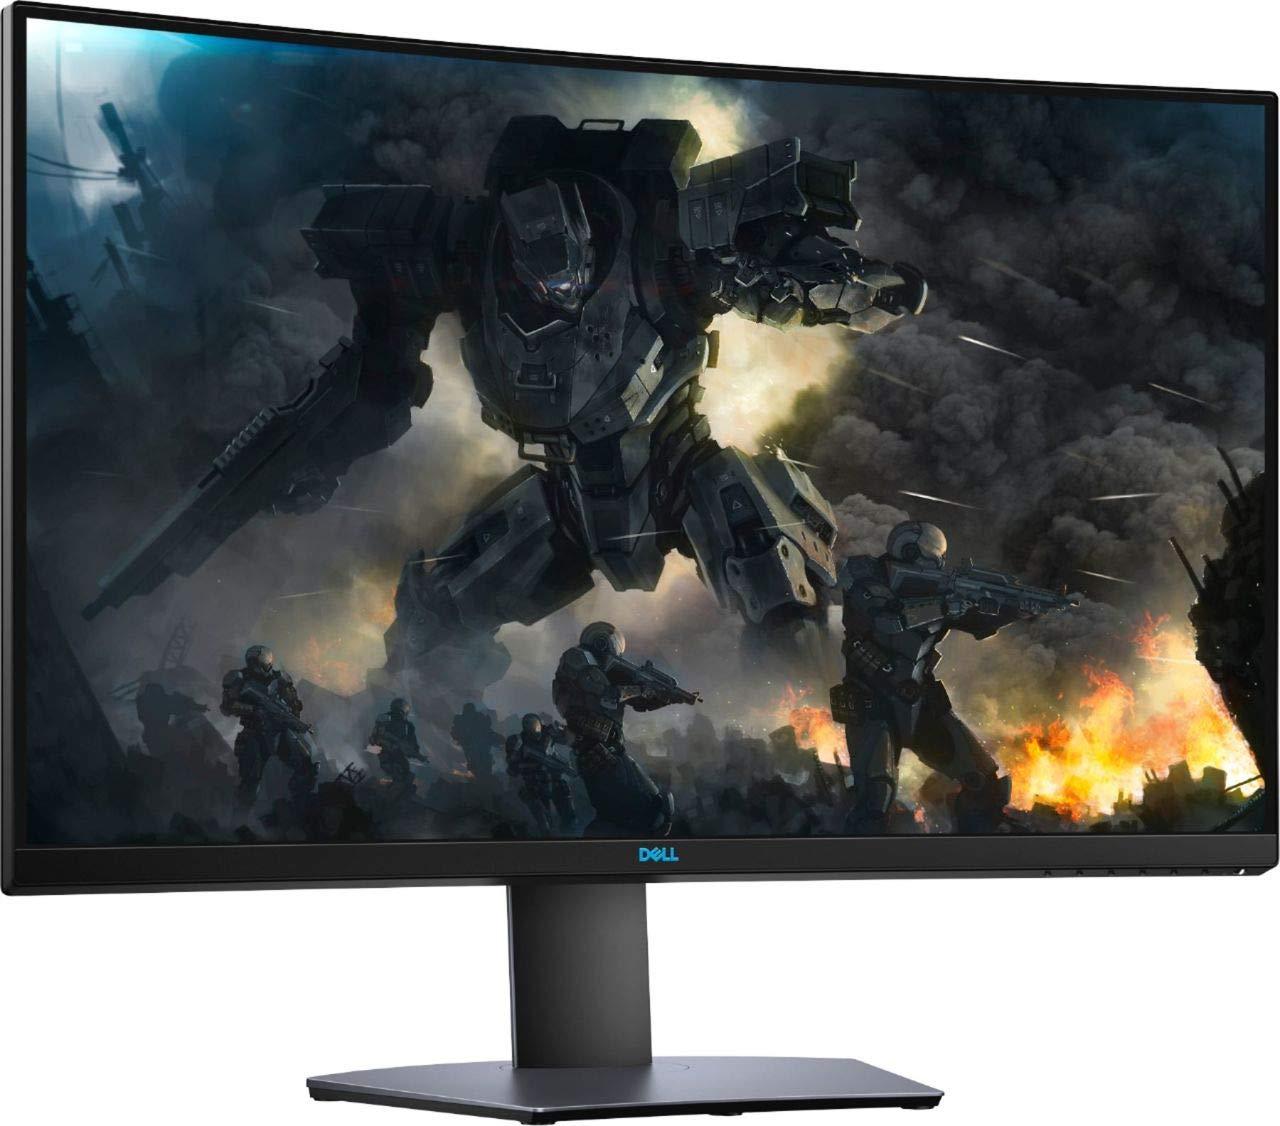 Dell - Monitor de 32 pulgadas LED curvado QHD FreeSync con HDR 2K Quad HD 2560 x 1440 Resolución 16:9 relación de aspecto DisplayPort HDMI: Amazon.es: Electrónica